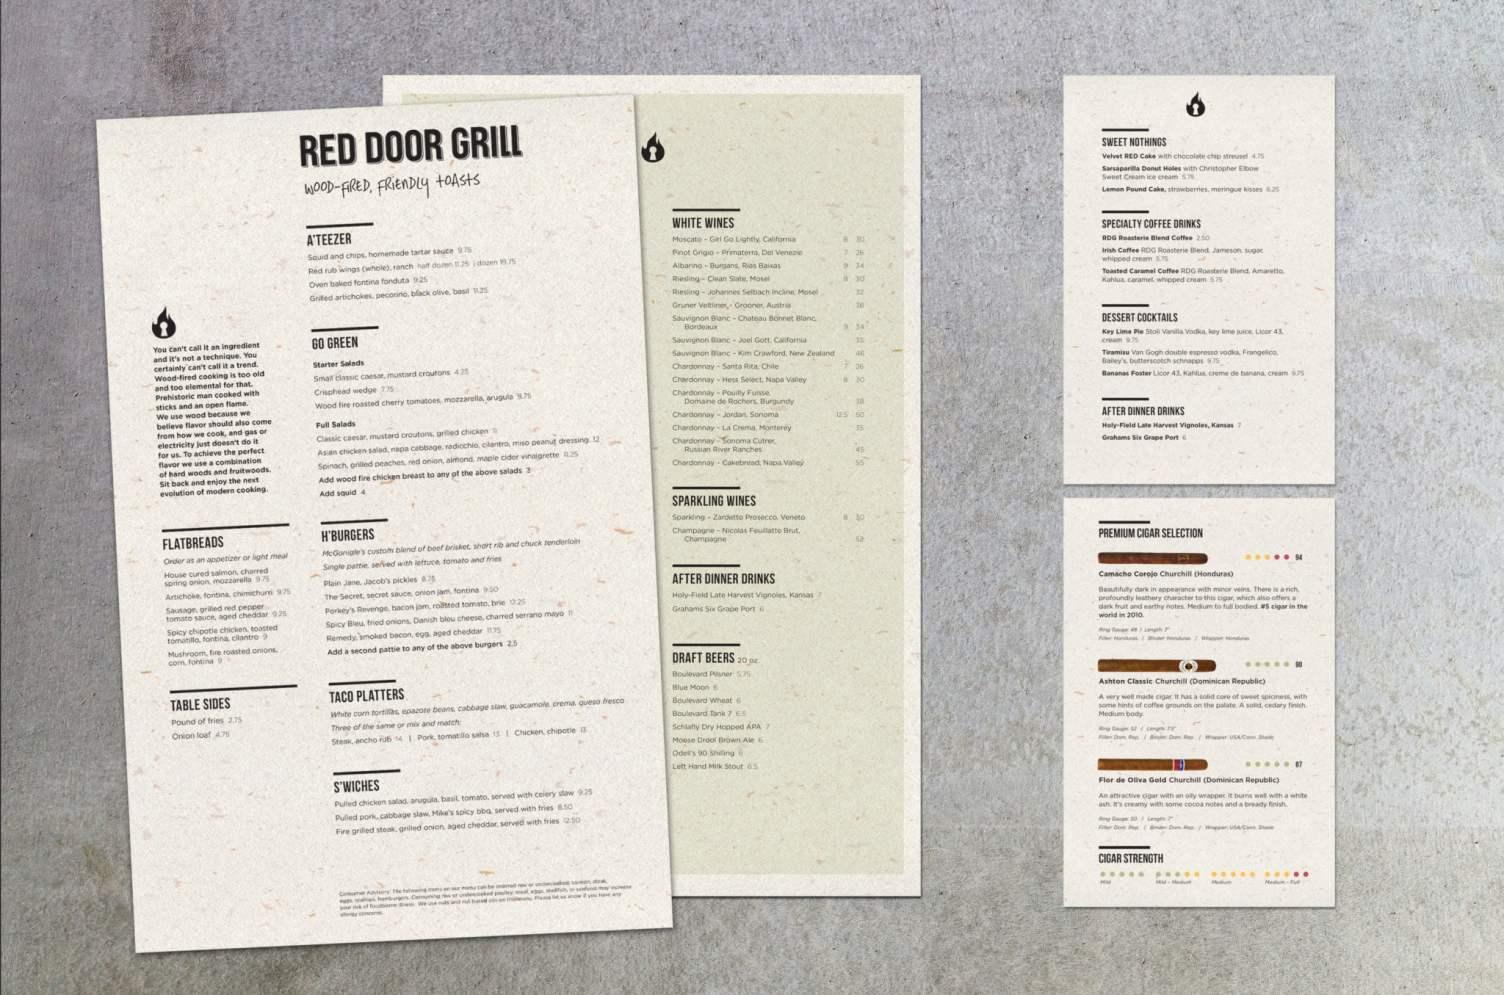 Red Door Grill Menus